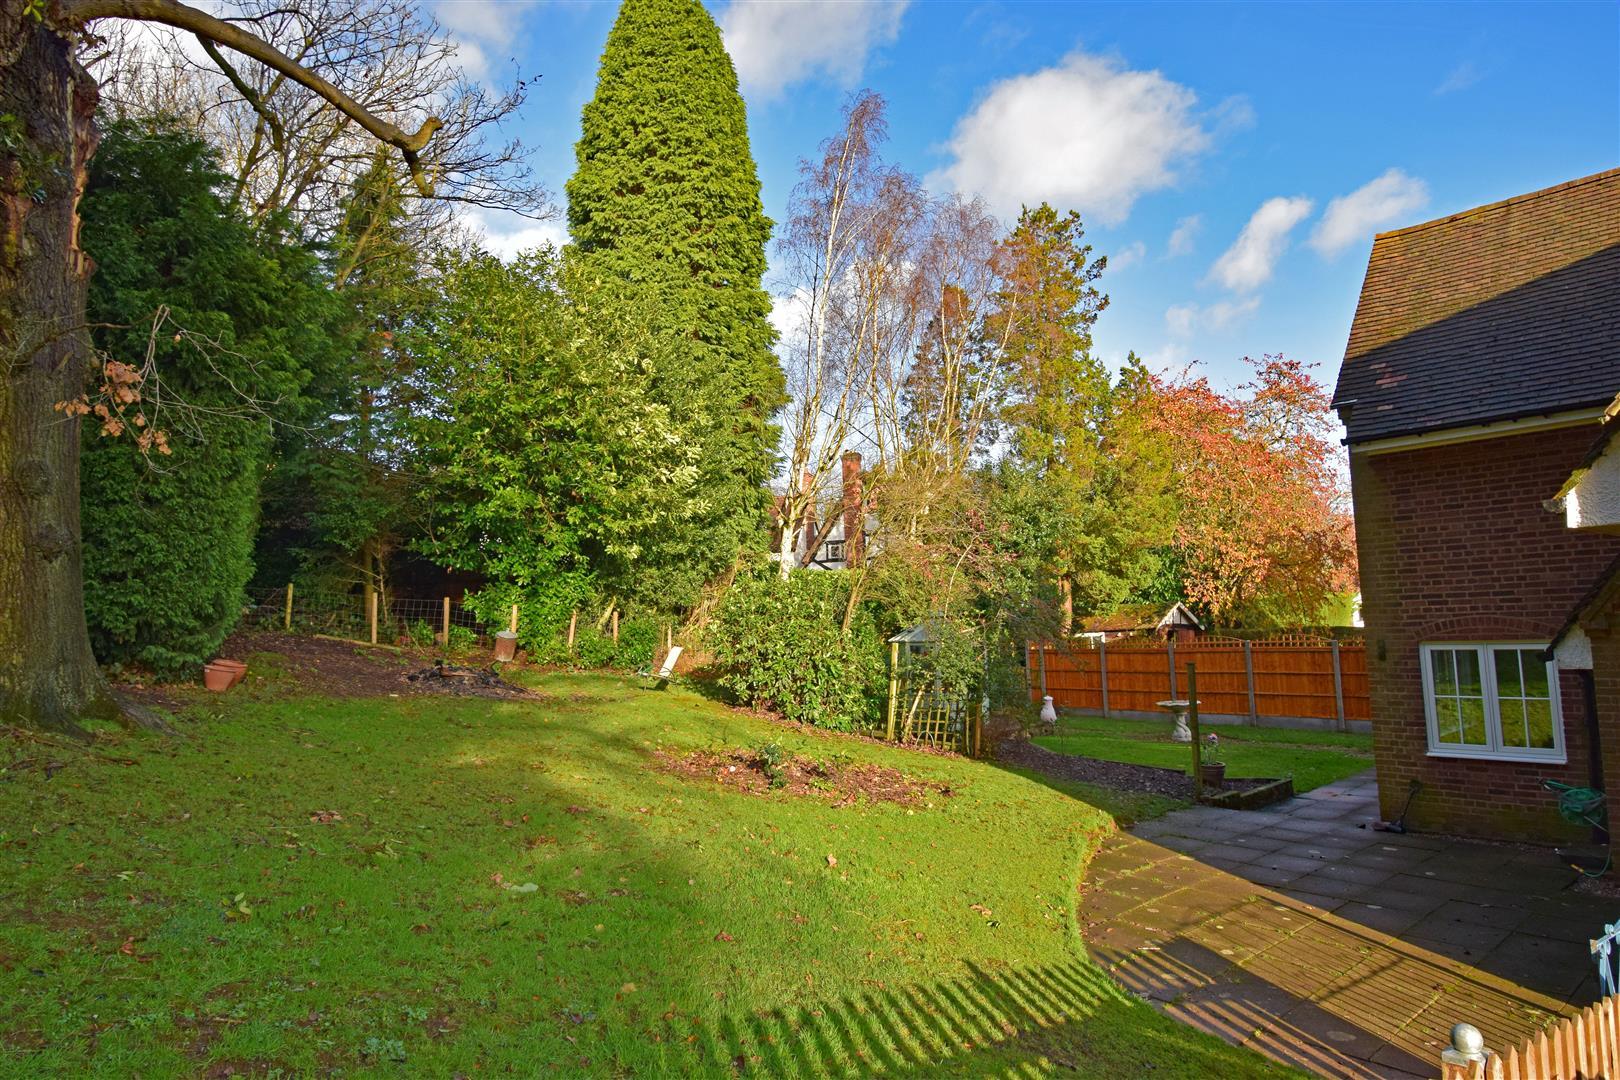 Meadow Croft, 33 Fiery Hill Road, Barnt Green, B45 8LE